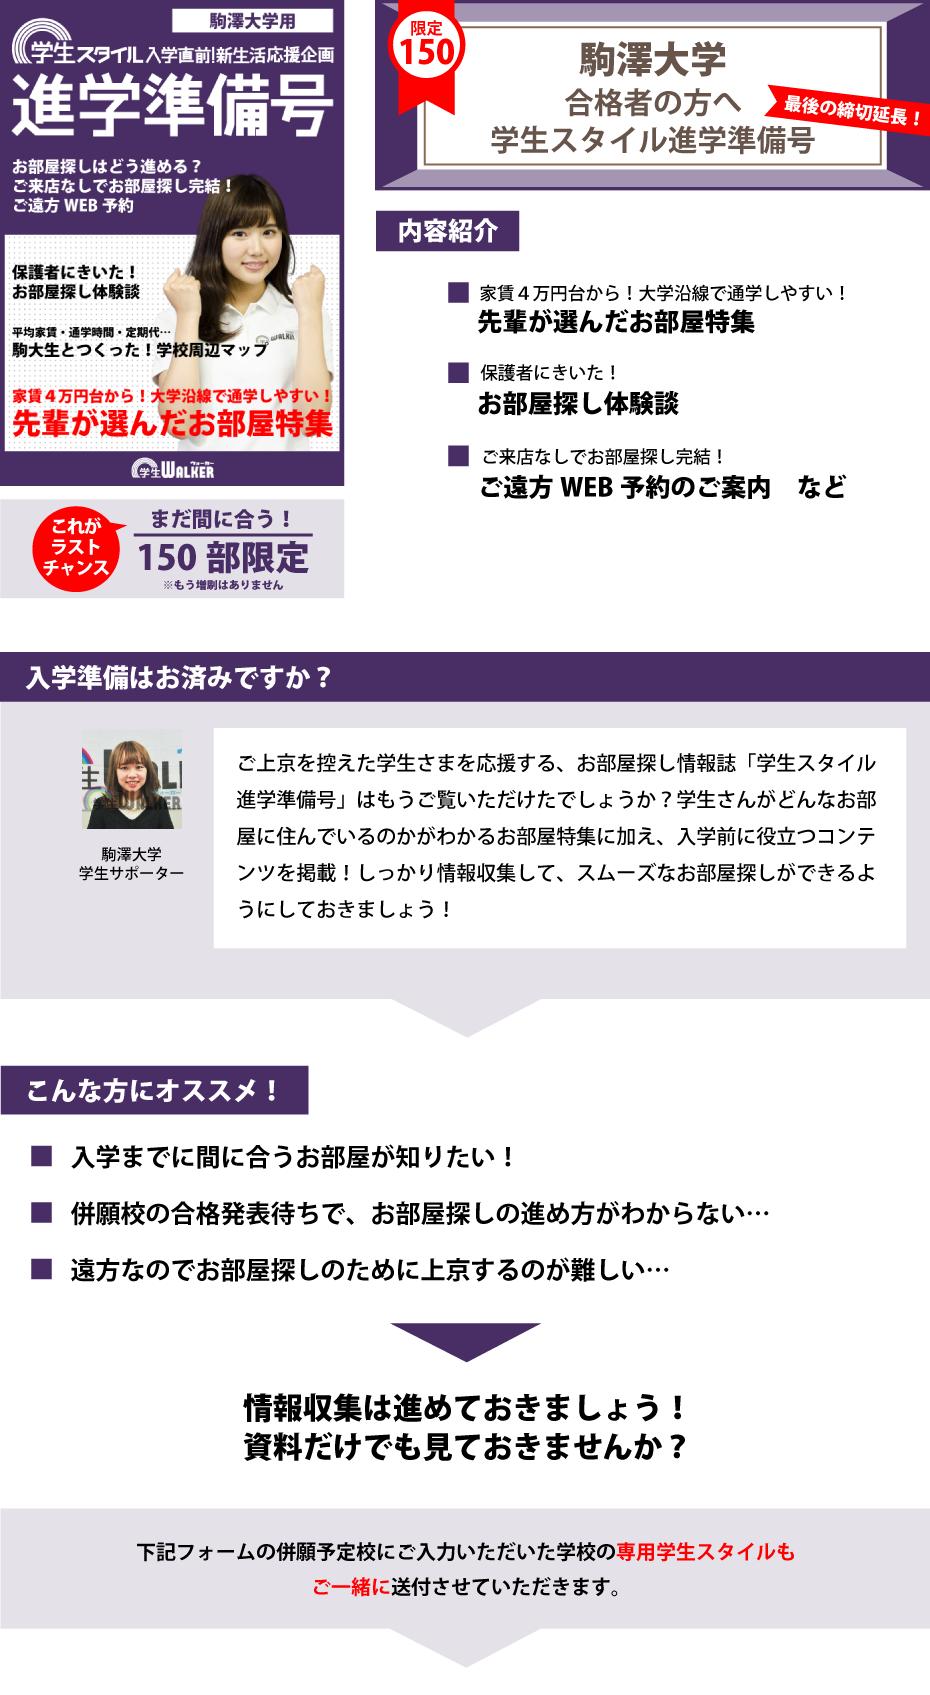 発表 駒澤 大学 合格